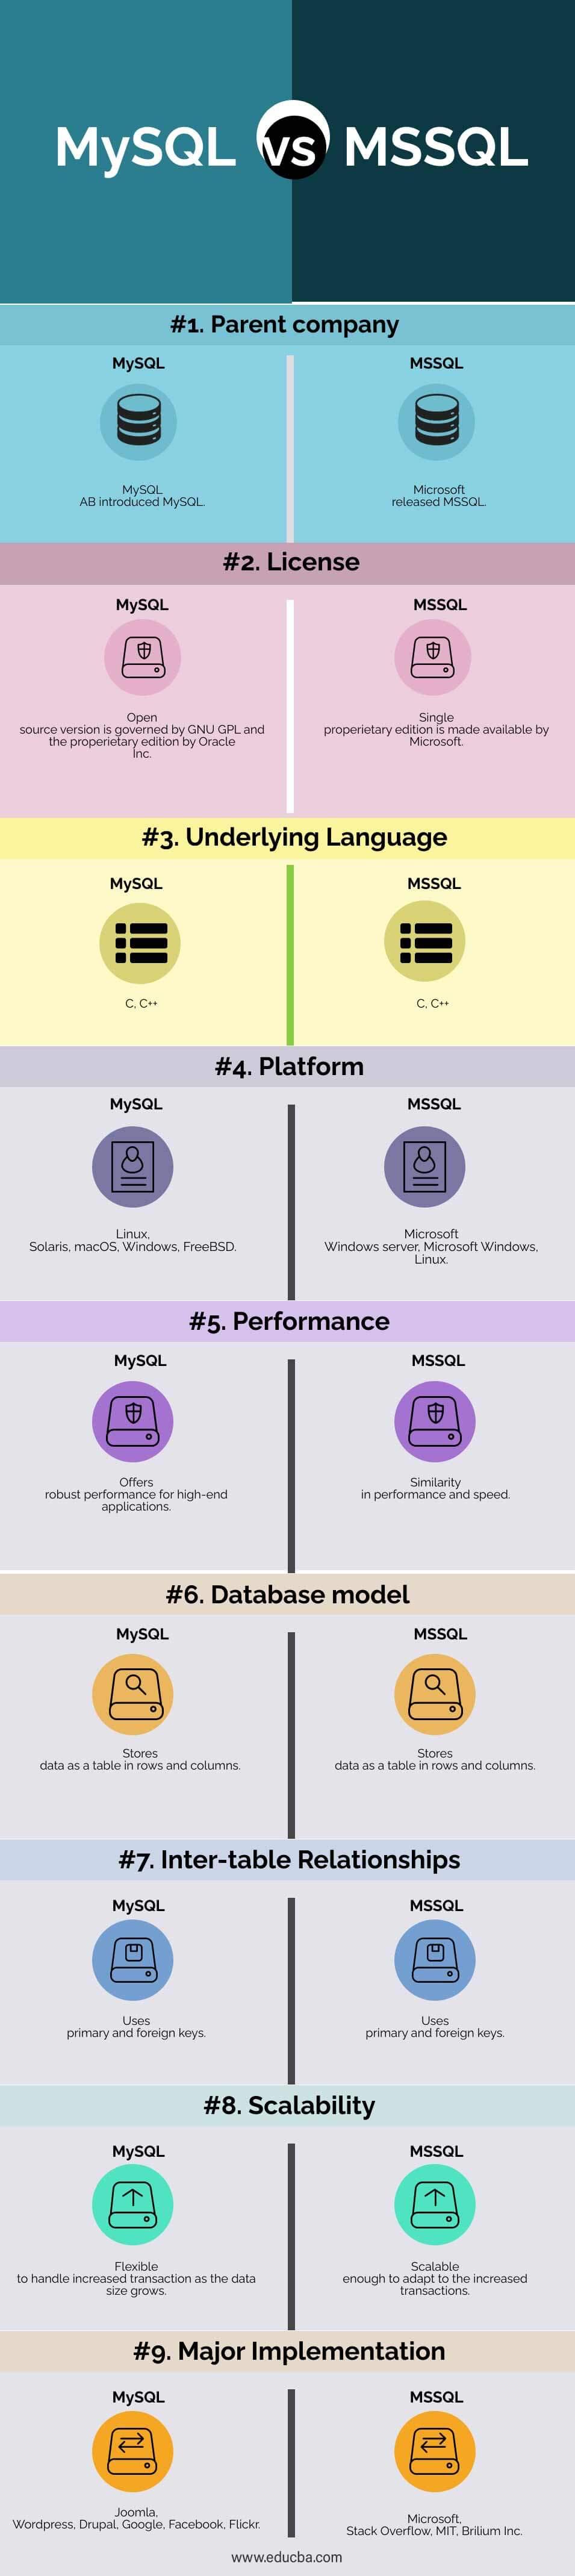 MySQL-vs-MSSQL-info